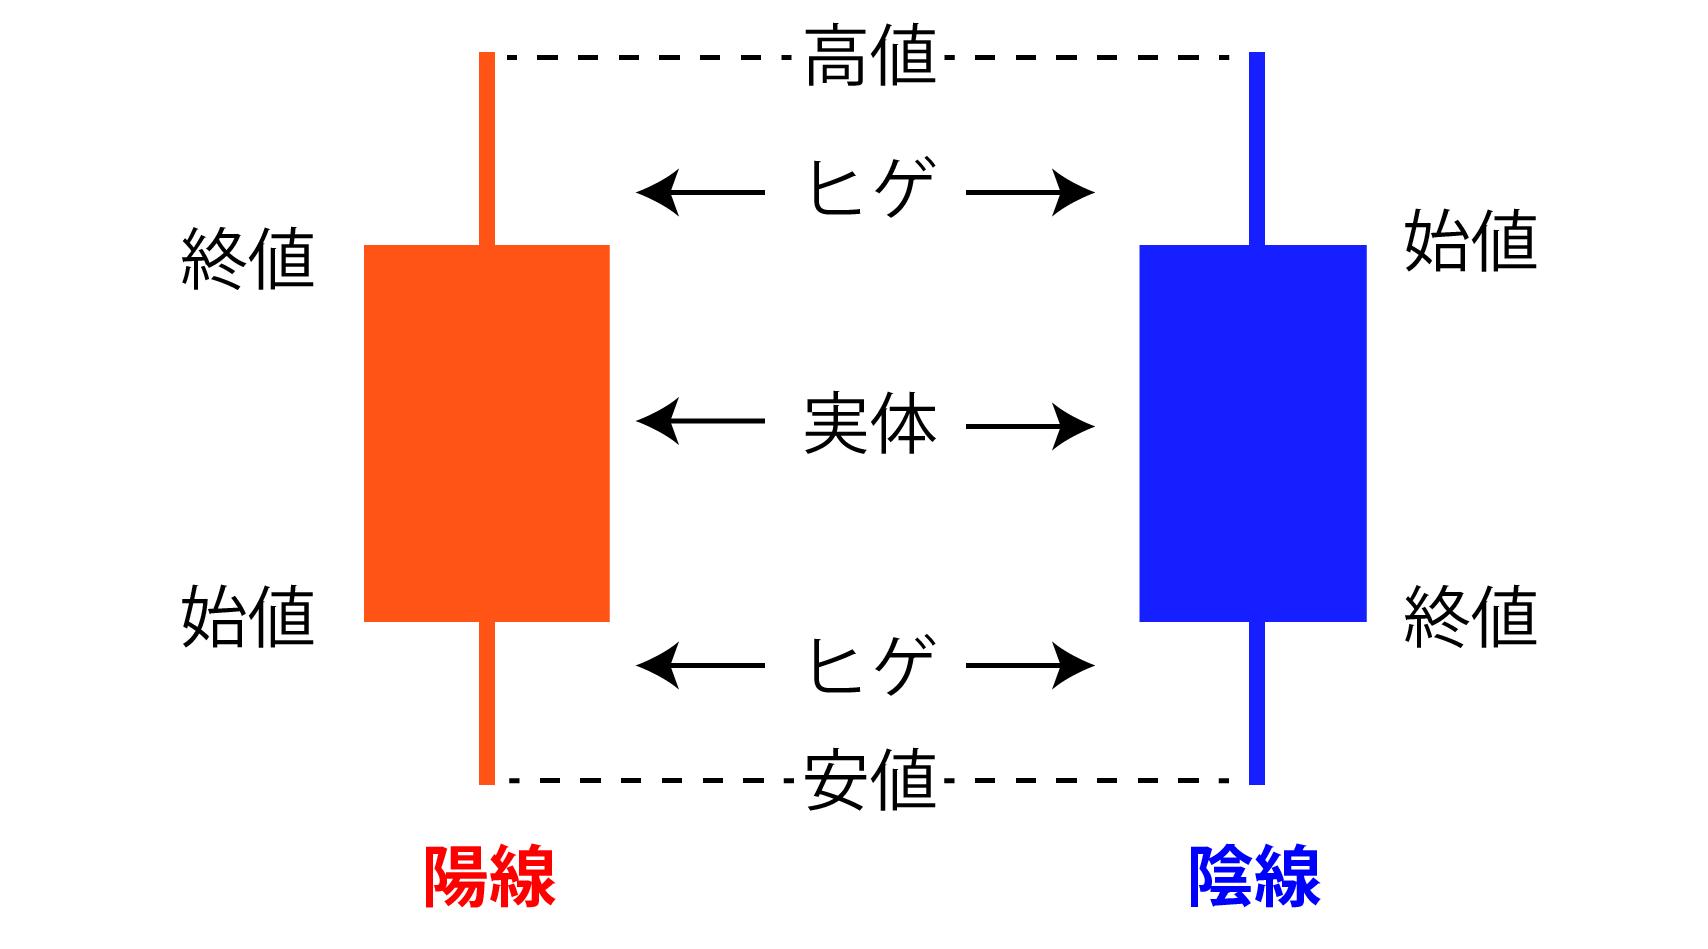 ローソク足(陽線と陰線)